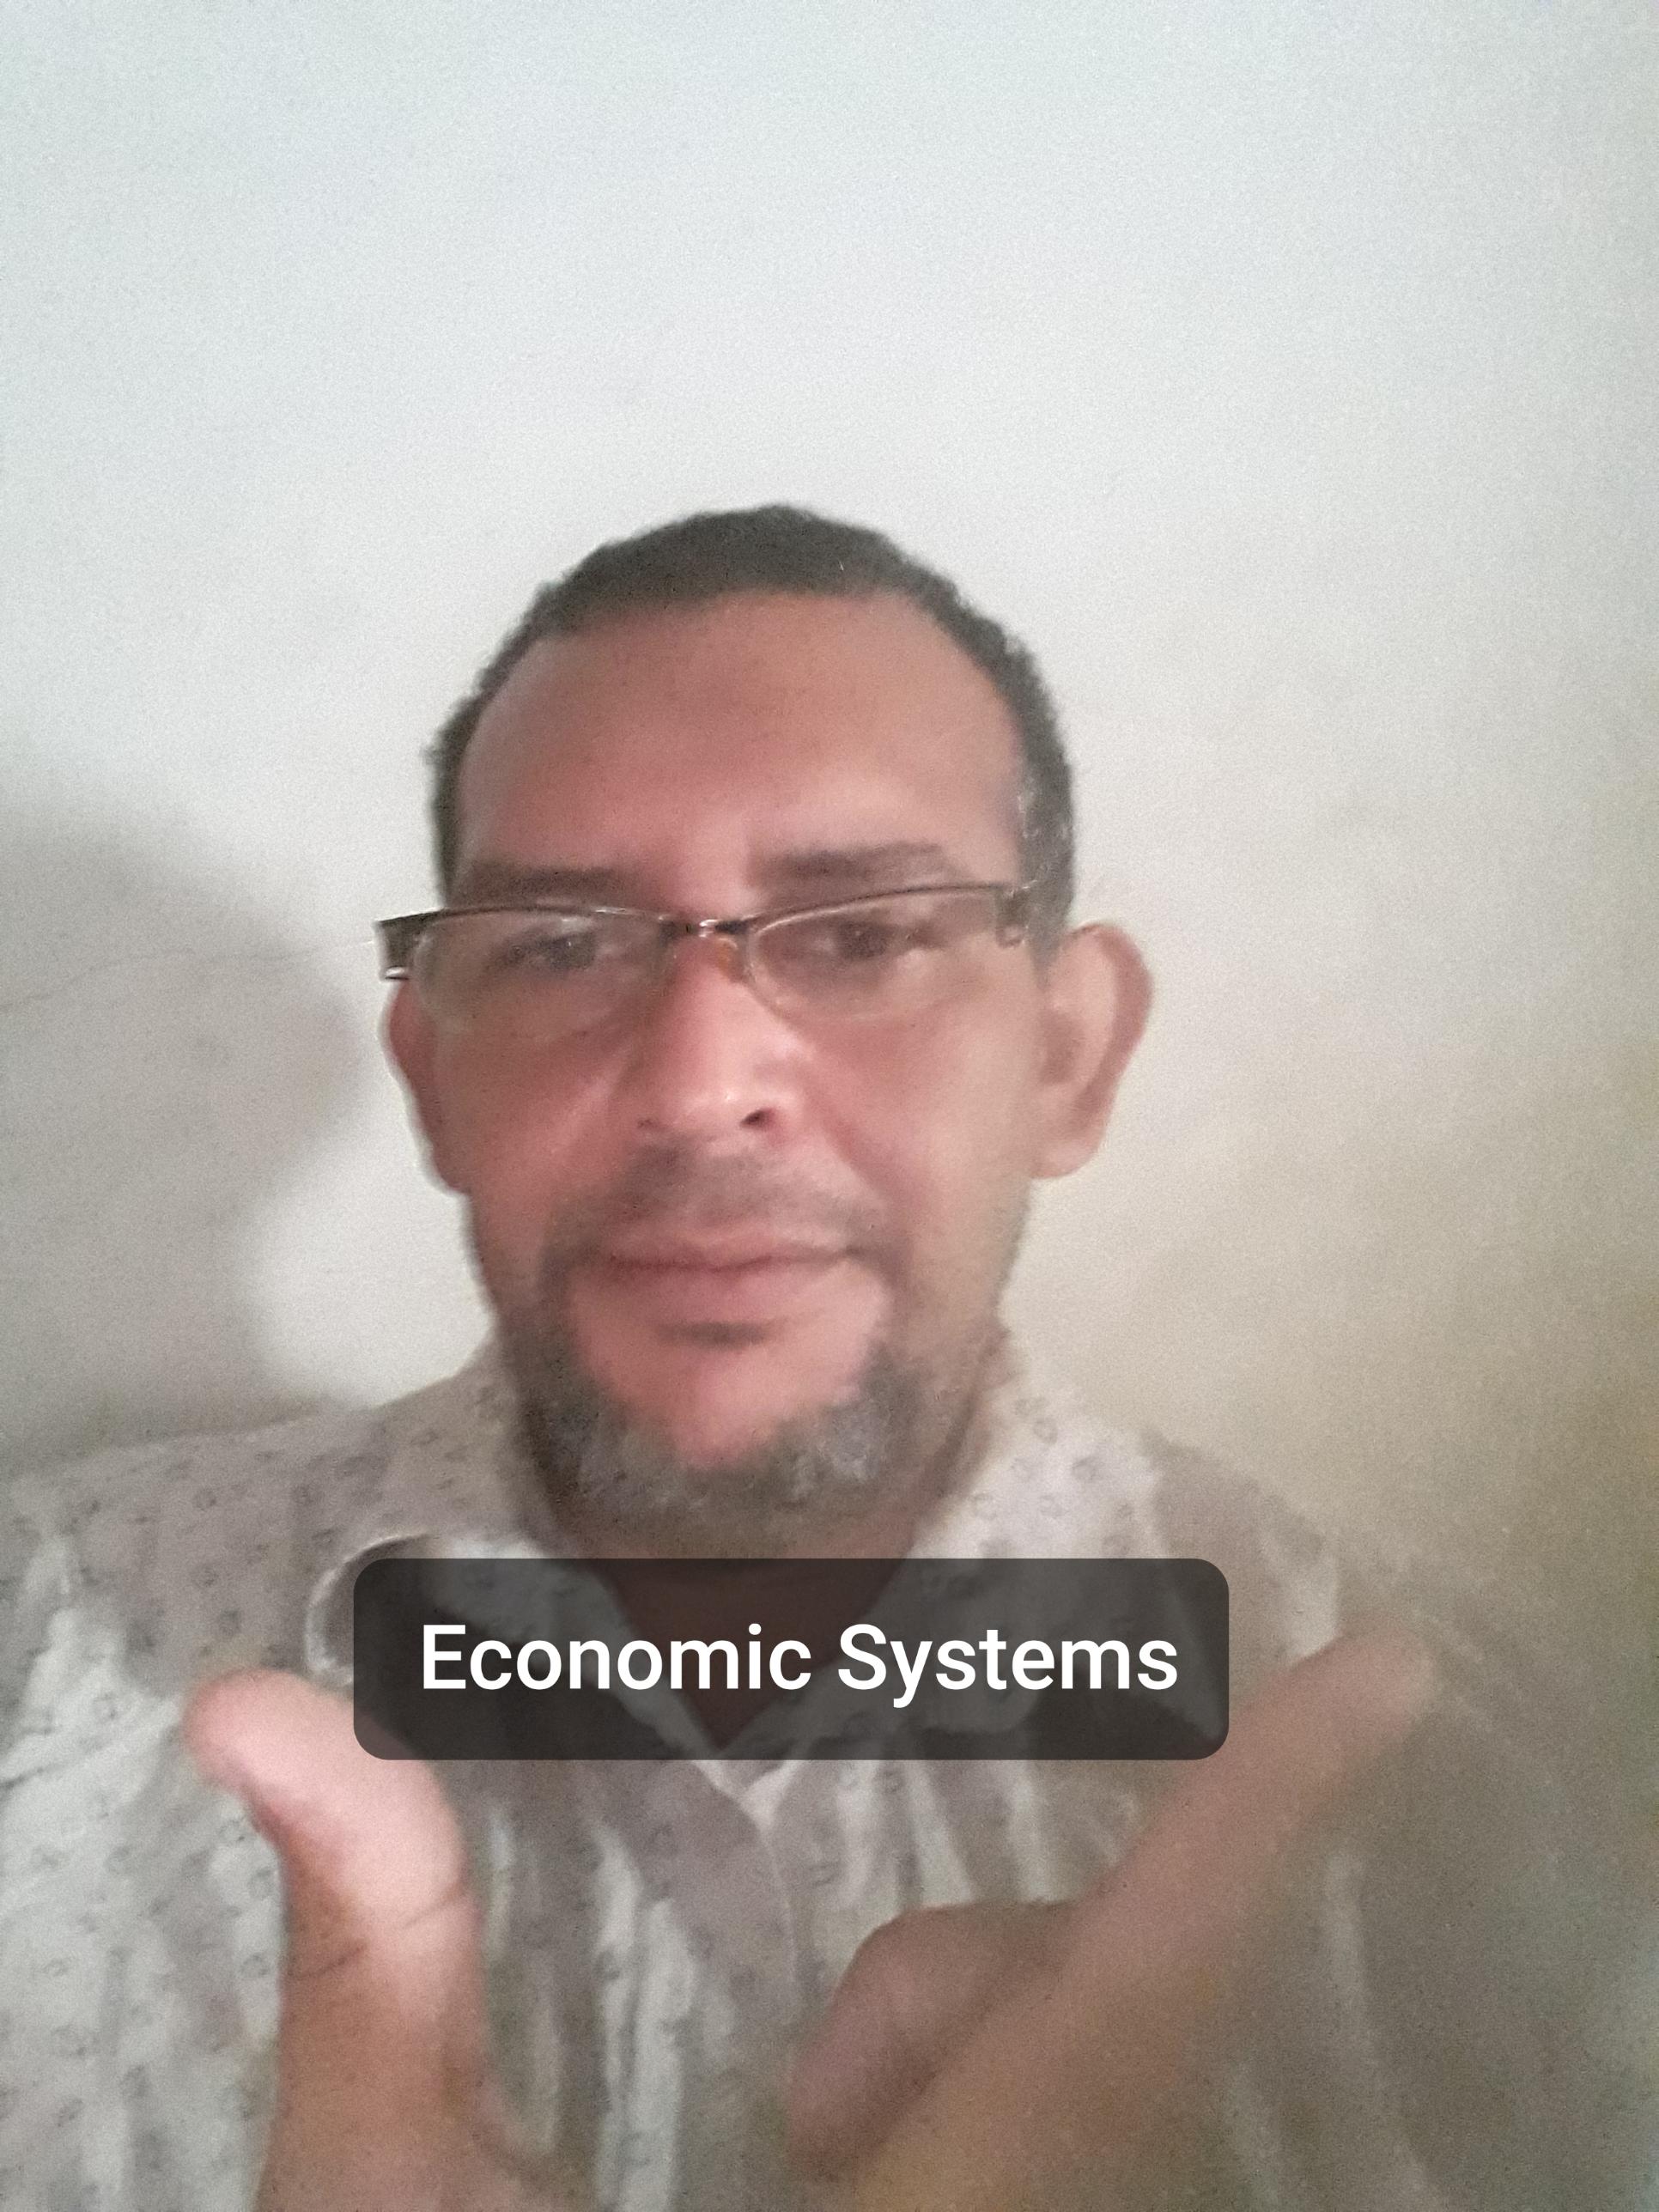 20201216_144221.jpg